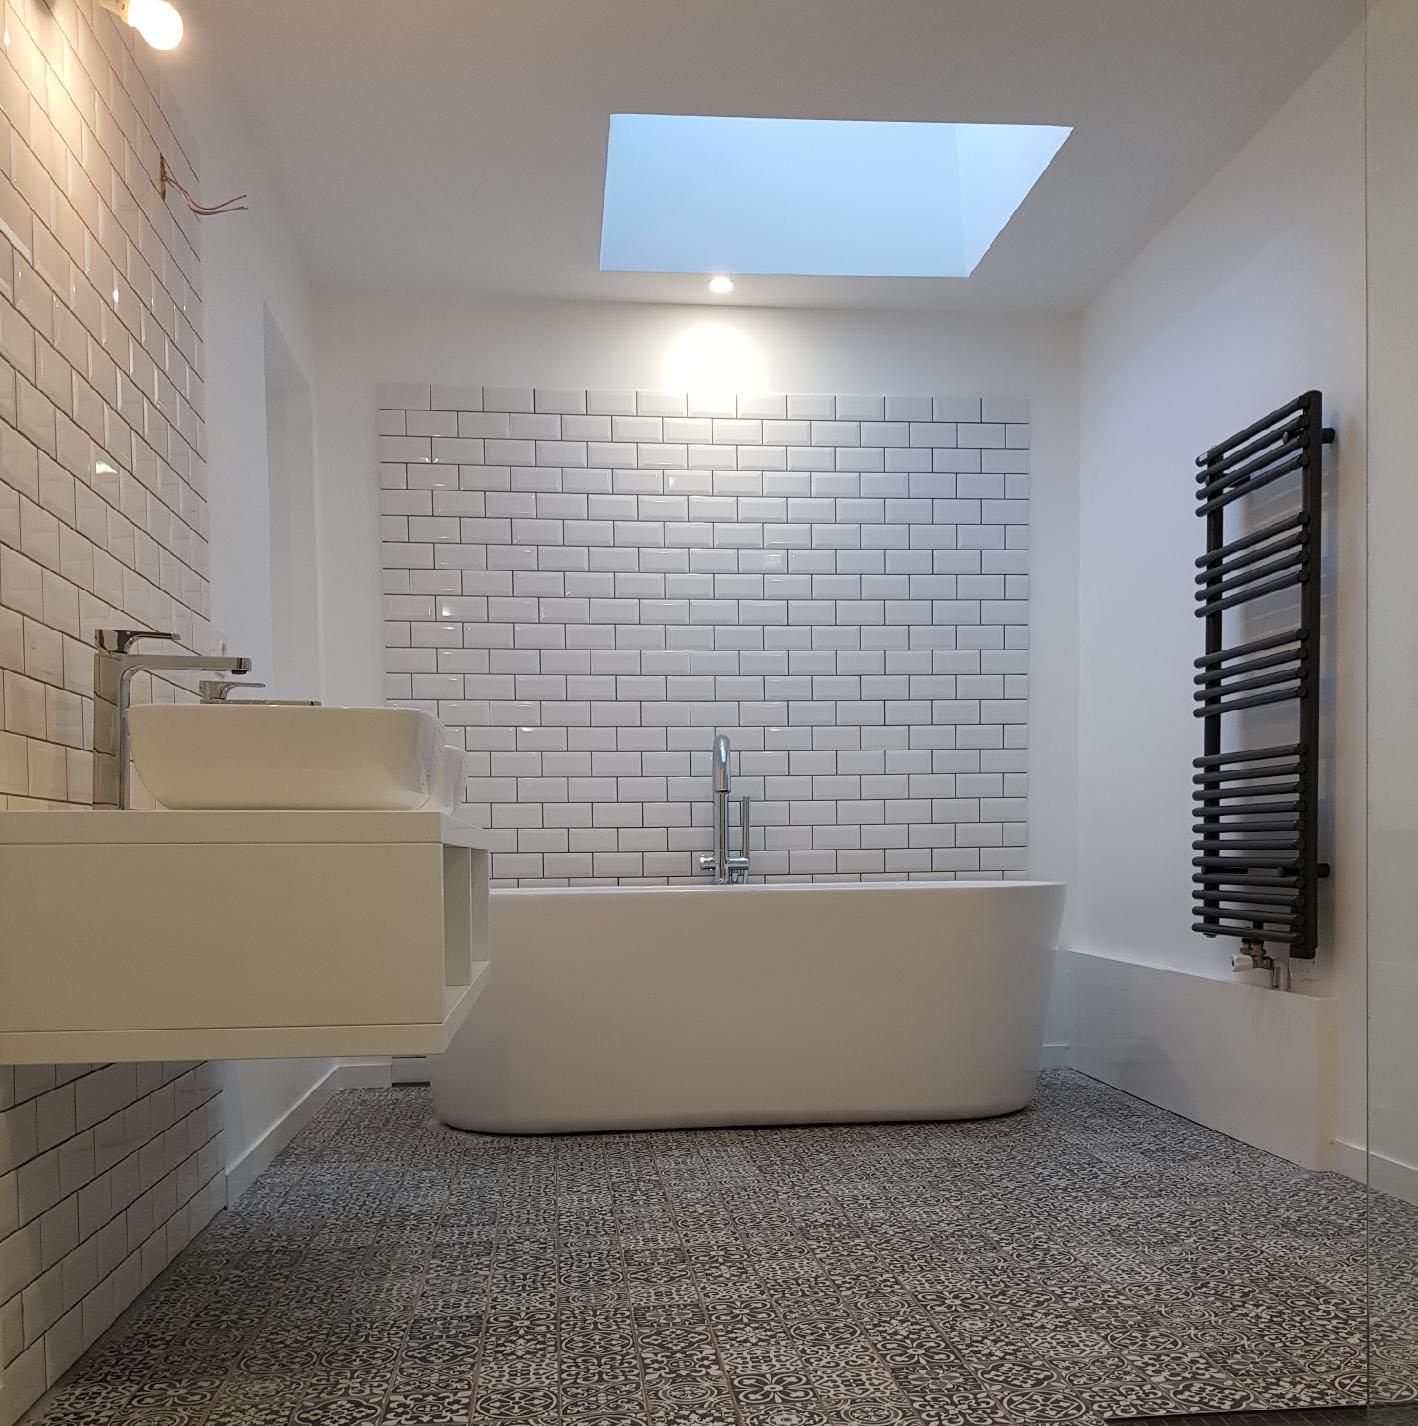 Vue d'ensemble de la salle de bain